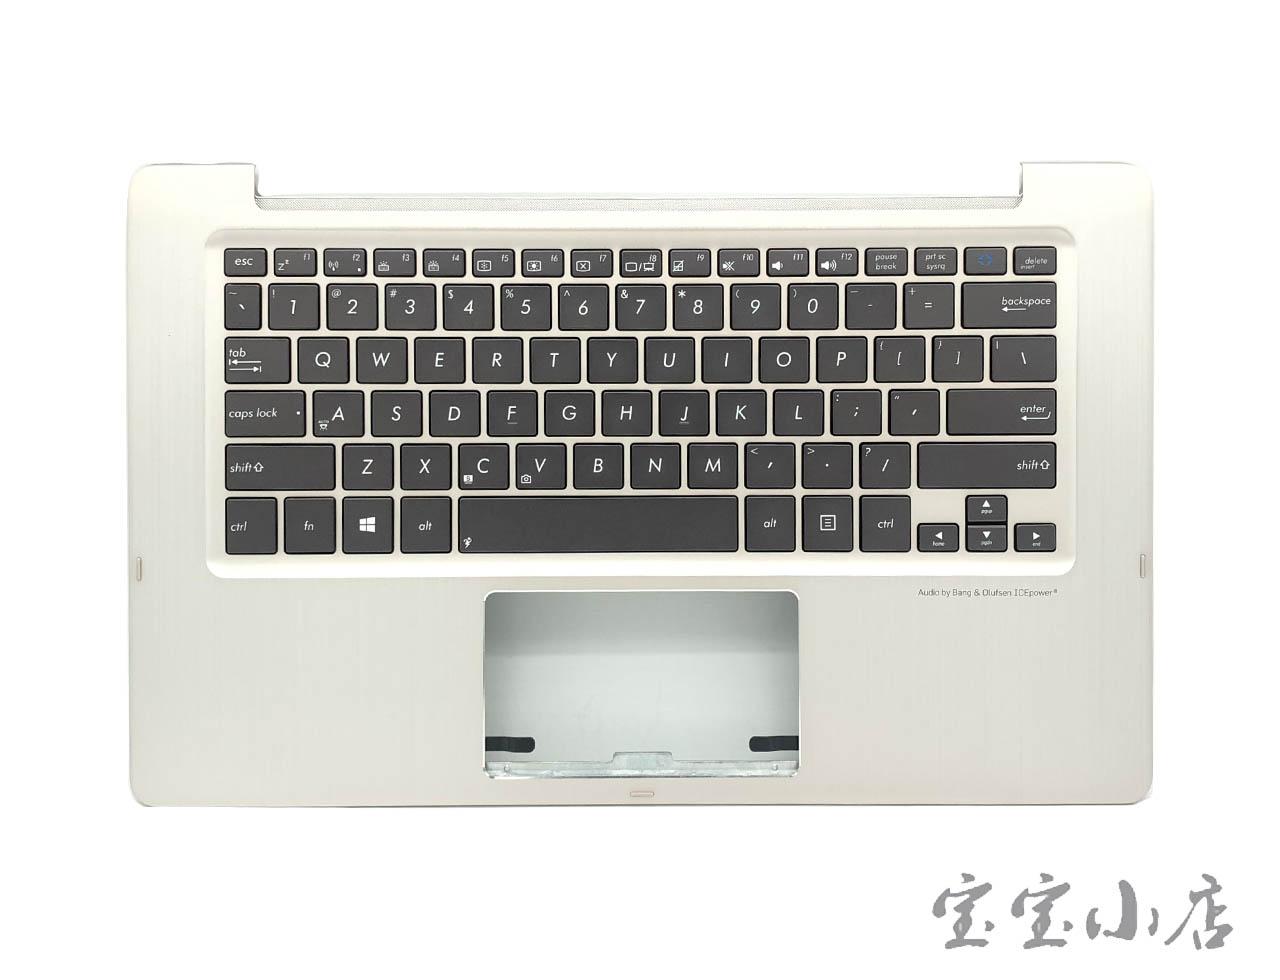 全新华硕ASUS TX300 TX300CA C壳掌托背光键盘香槟金9Z.N8JBU.001 0KN0-NY1US13 13N0-NYA0311